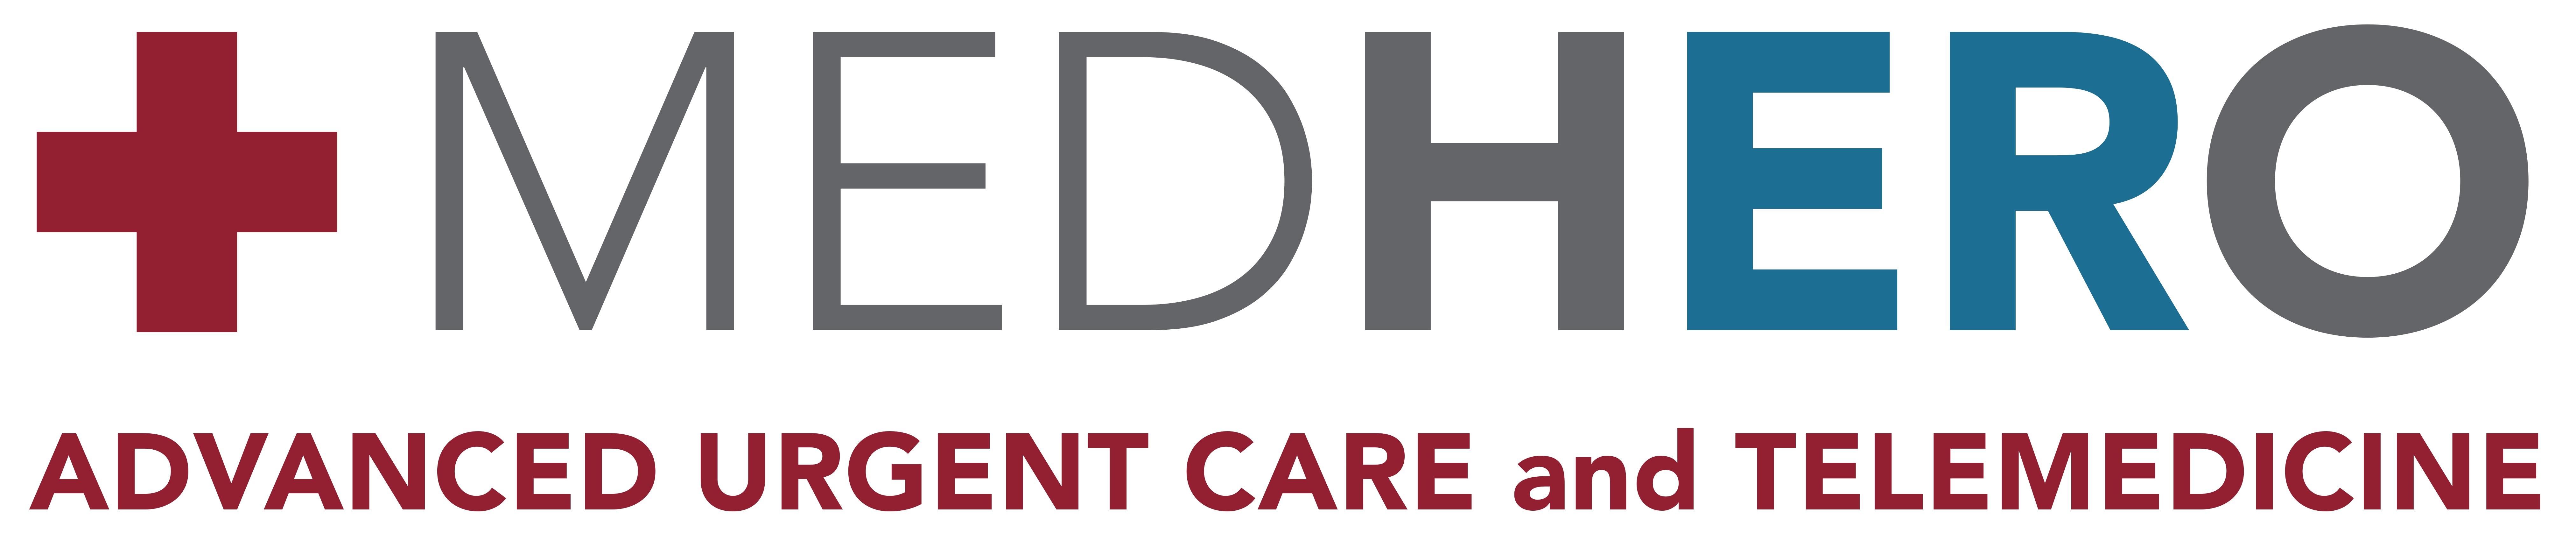 Medhero logo  1